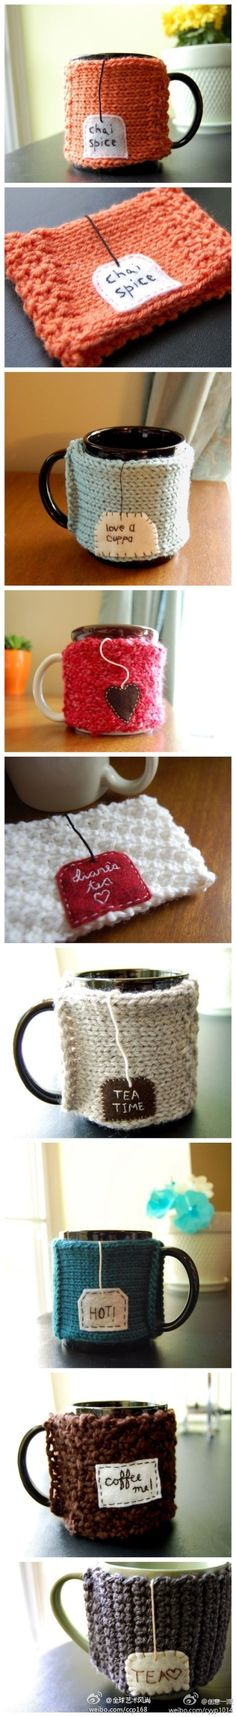 Simple DIY coffee holder using old sweater sleeves